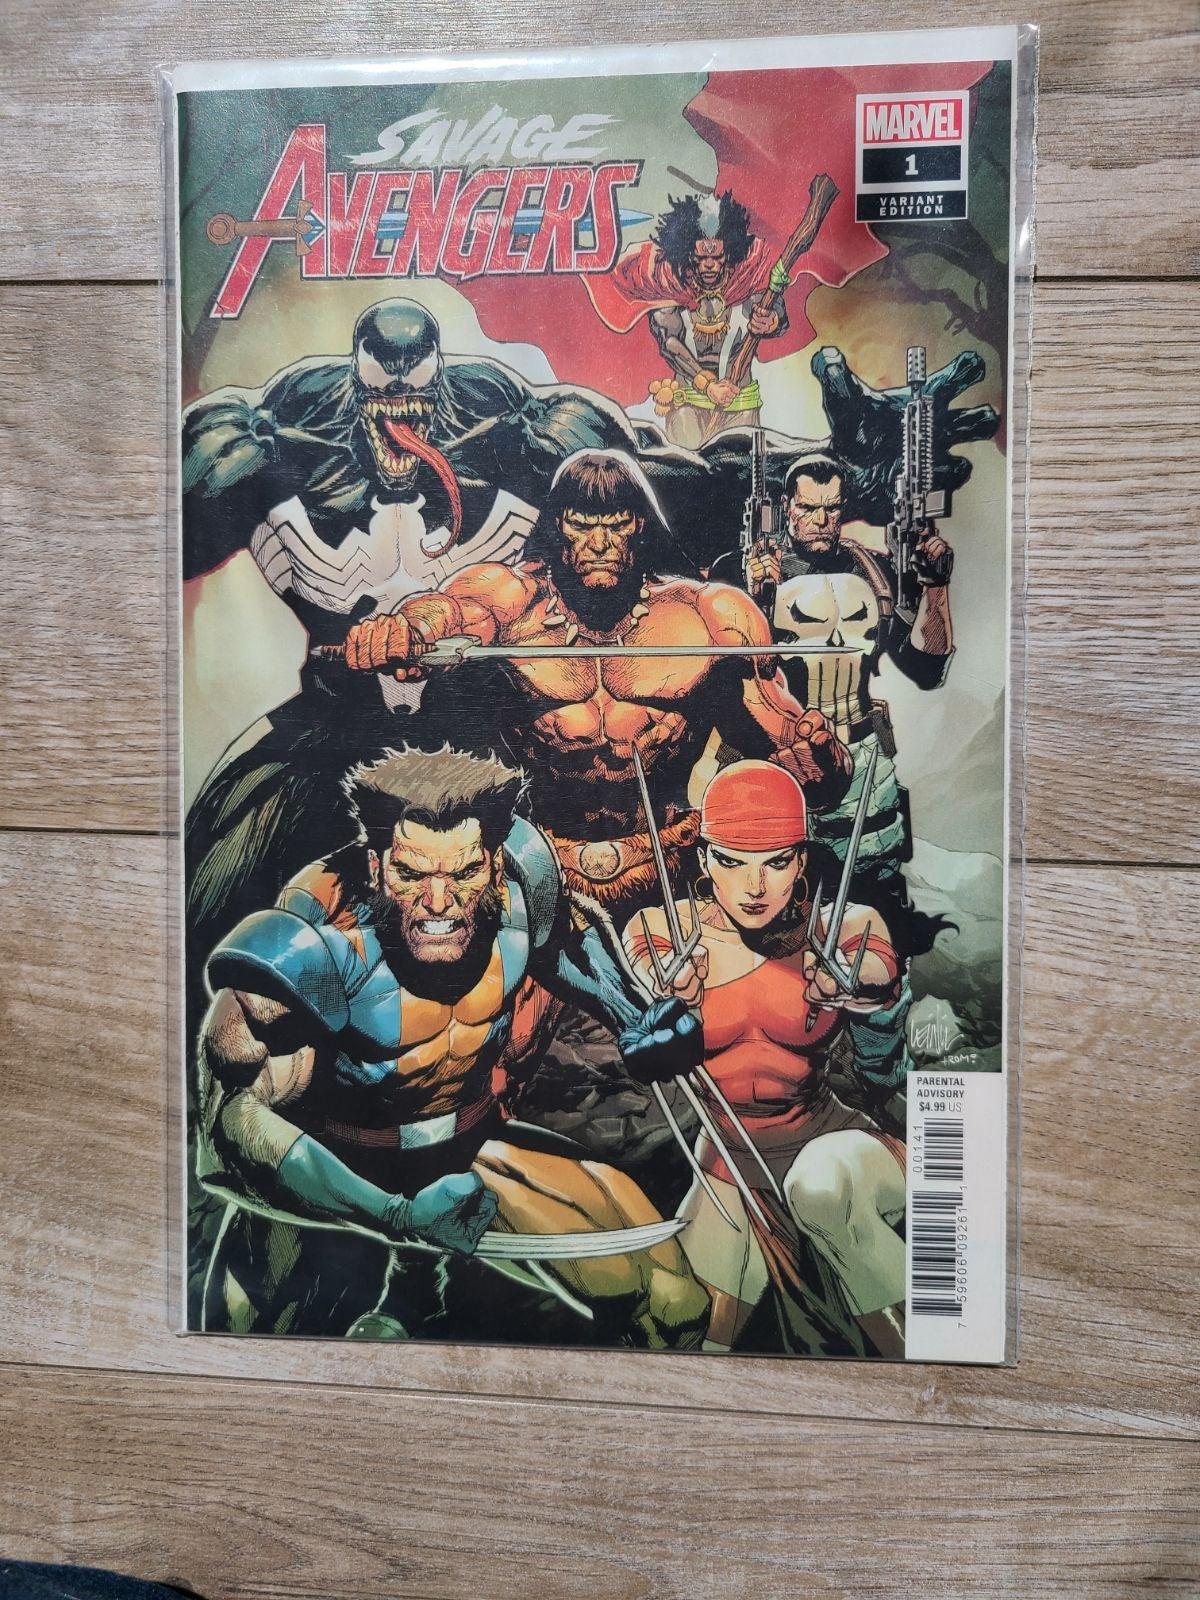 Savage Avengers #1 (Variant)